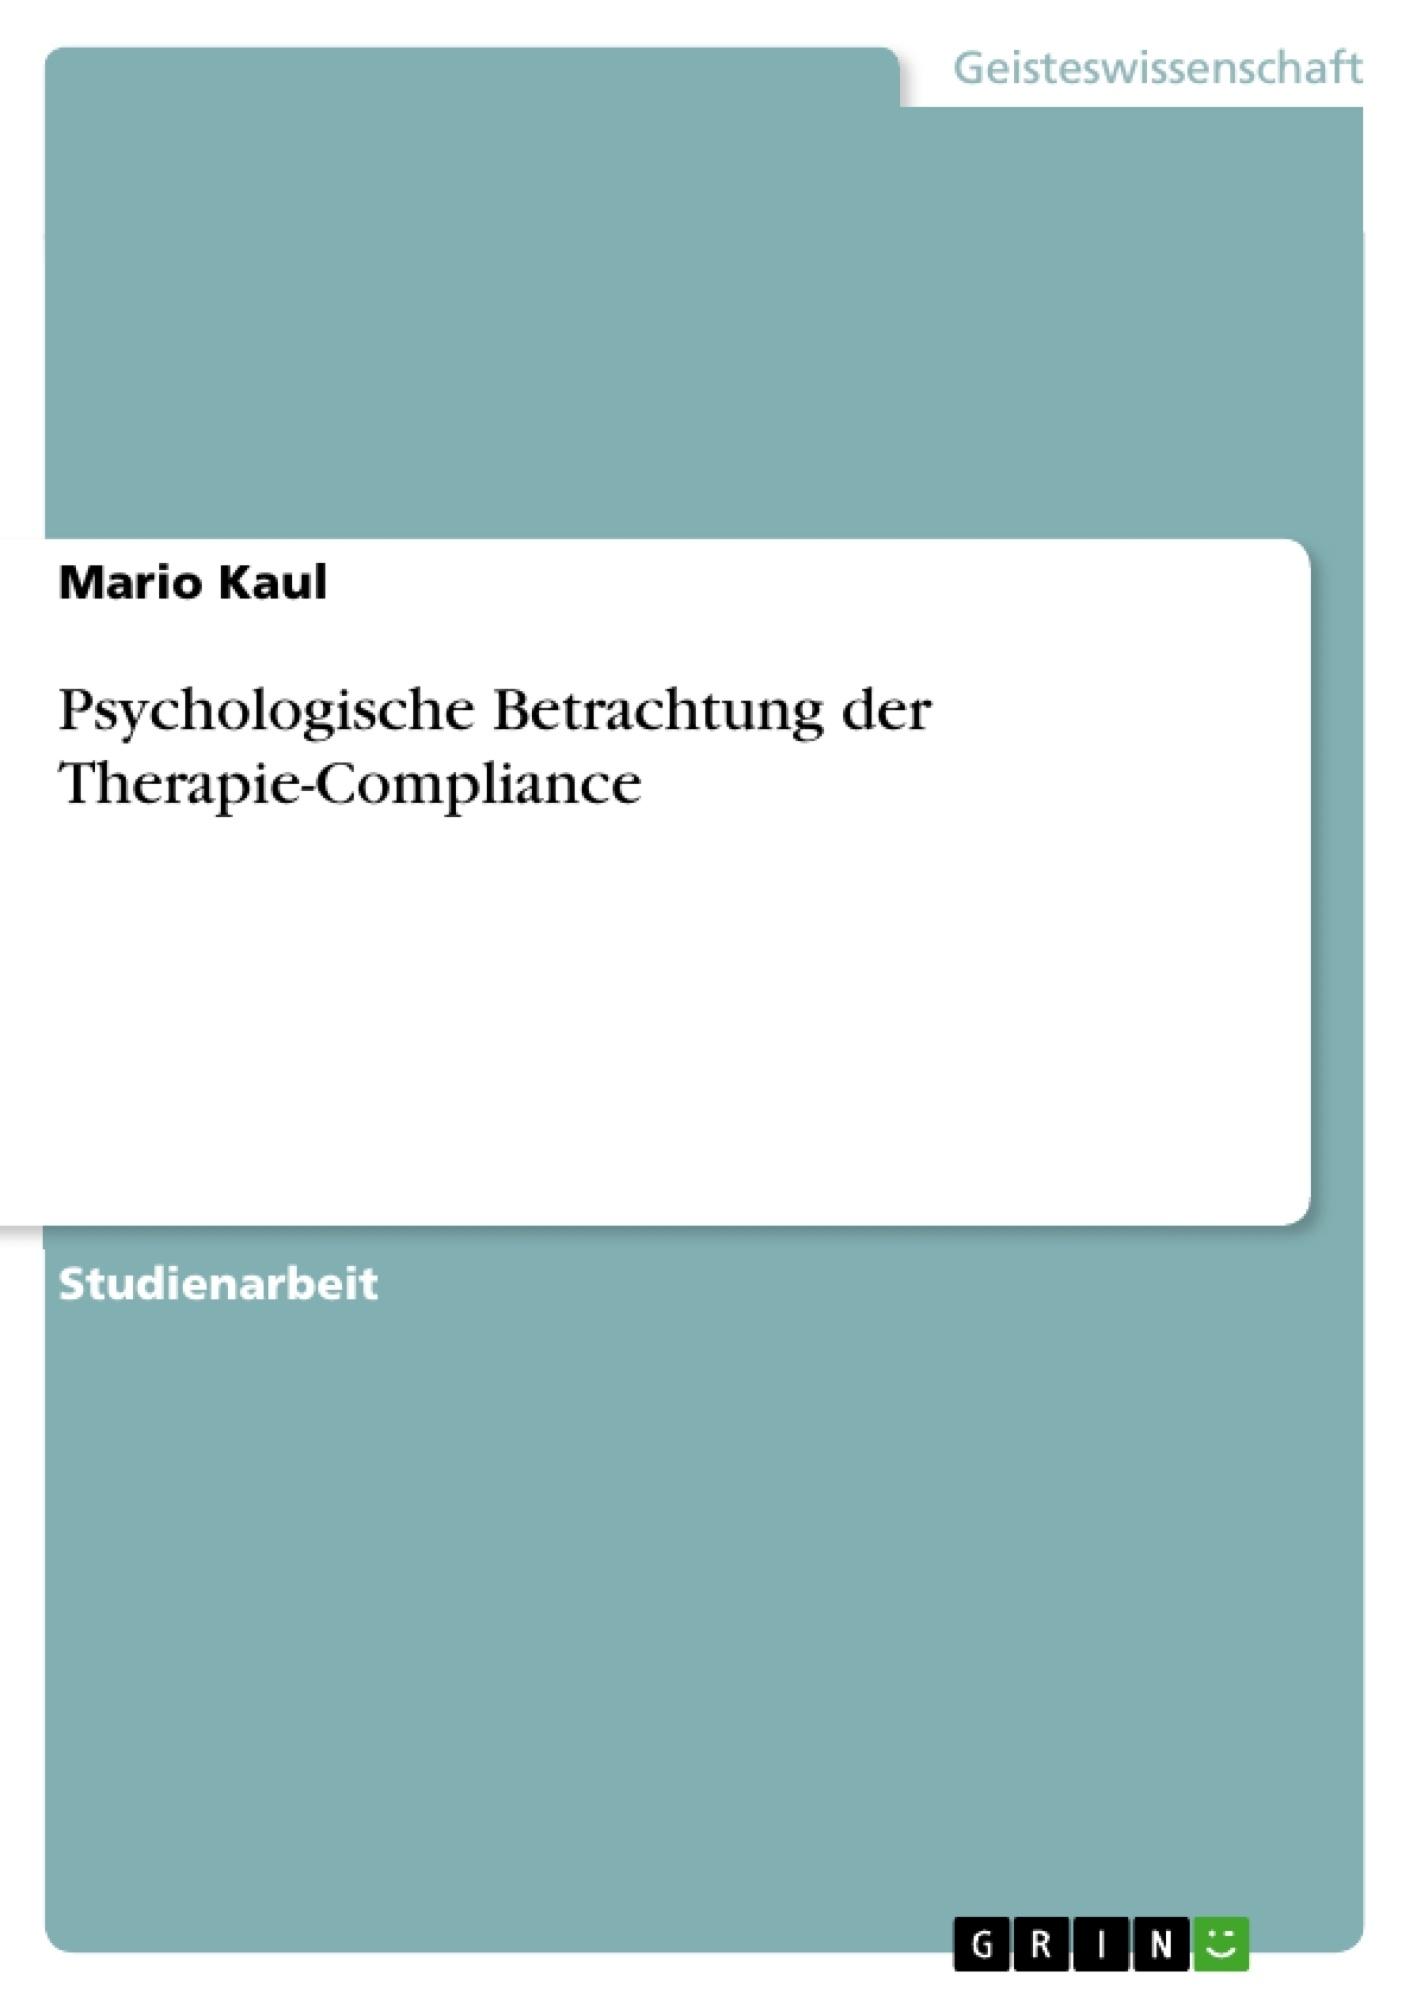 Titel: Psychologische Betrachtung der Therapie-Compliance